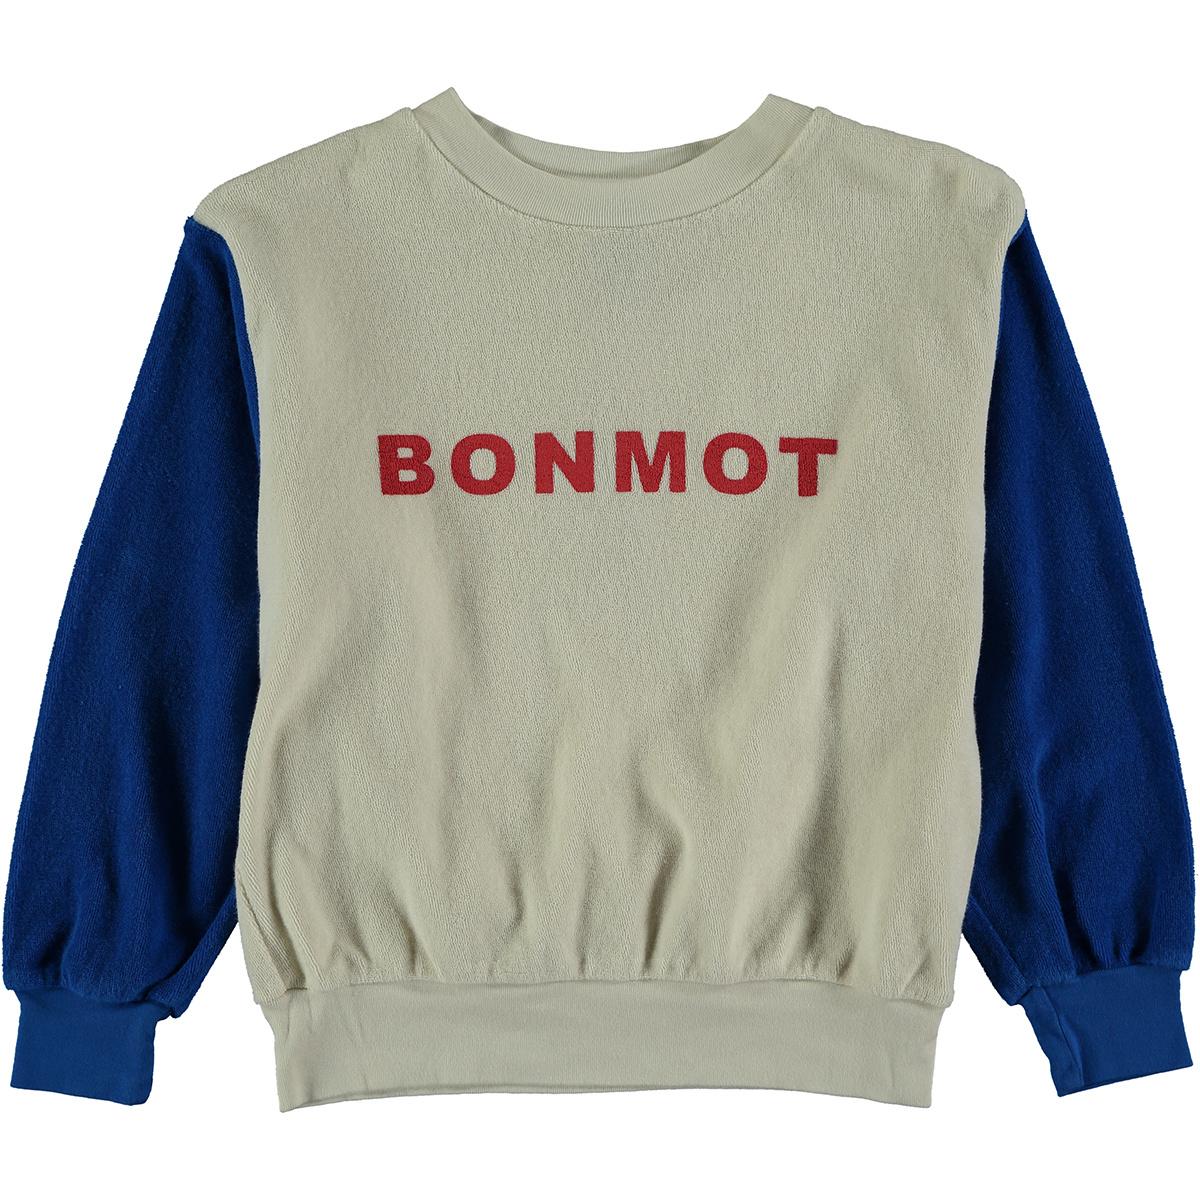 Sweatshirt baby Bonmot - Ivory-1